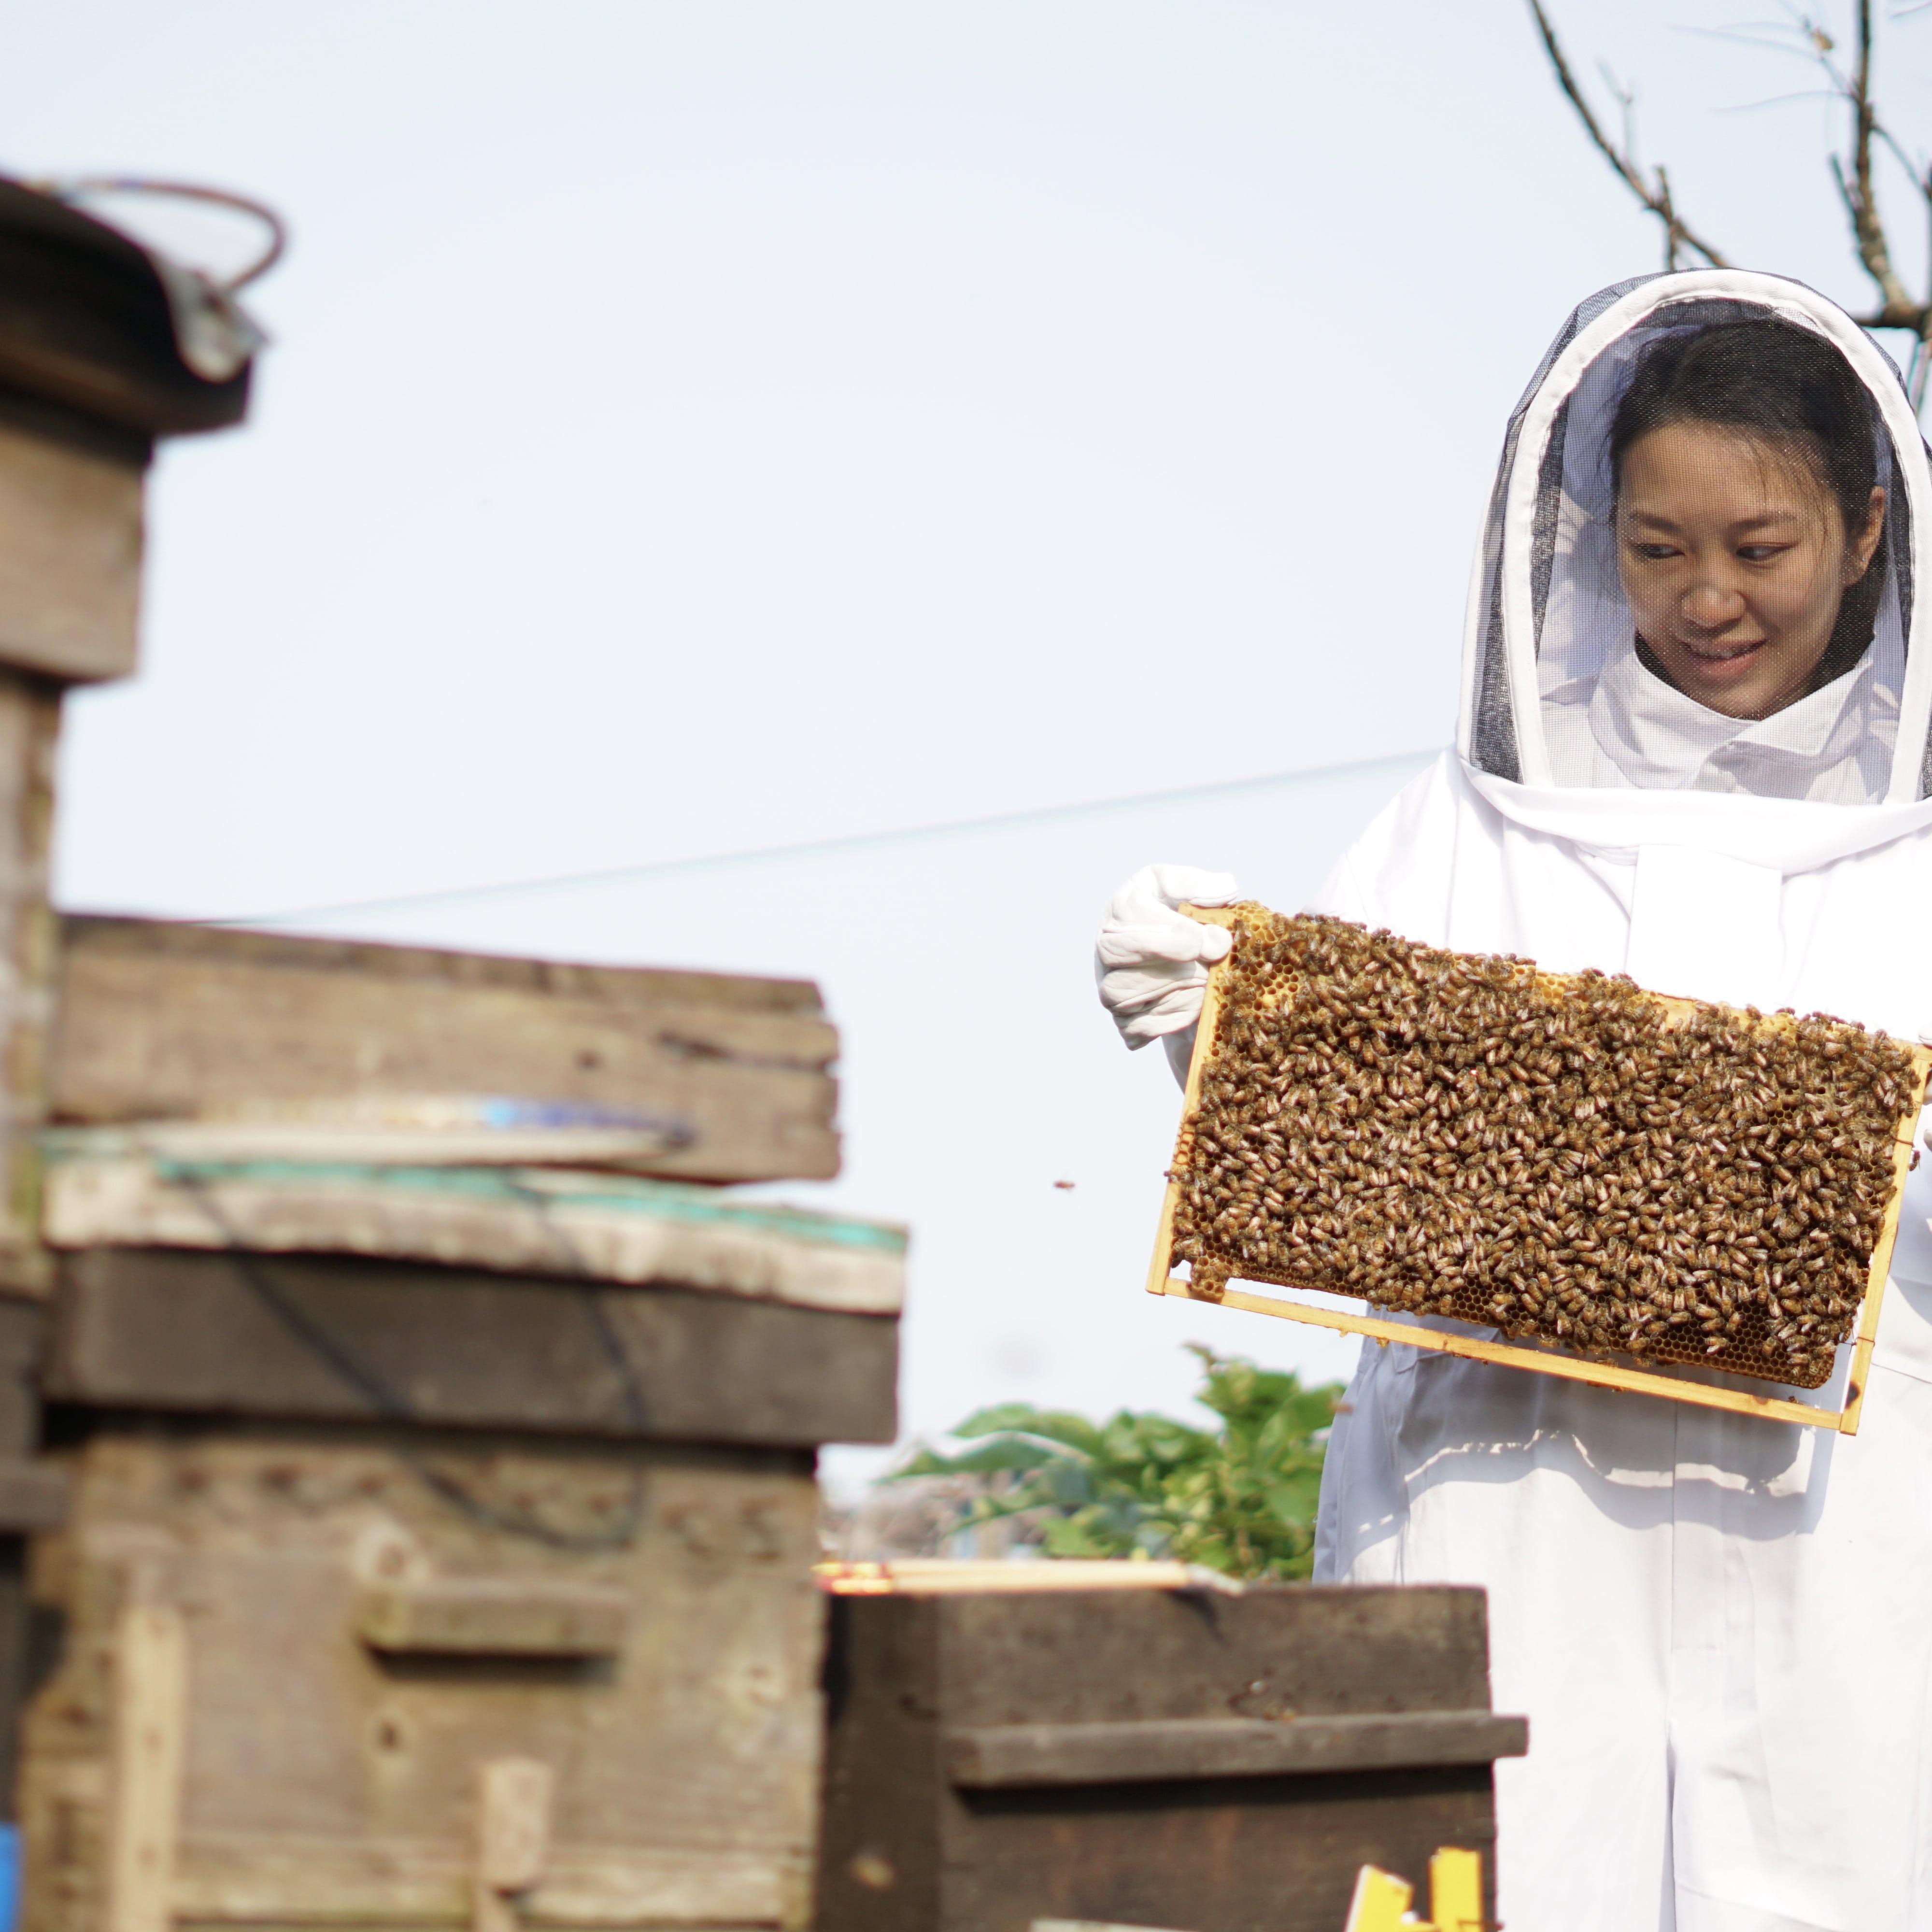 參觀蜂場, visit beehive